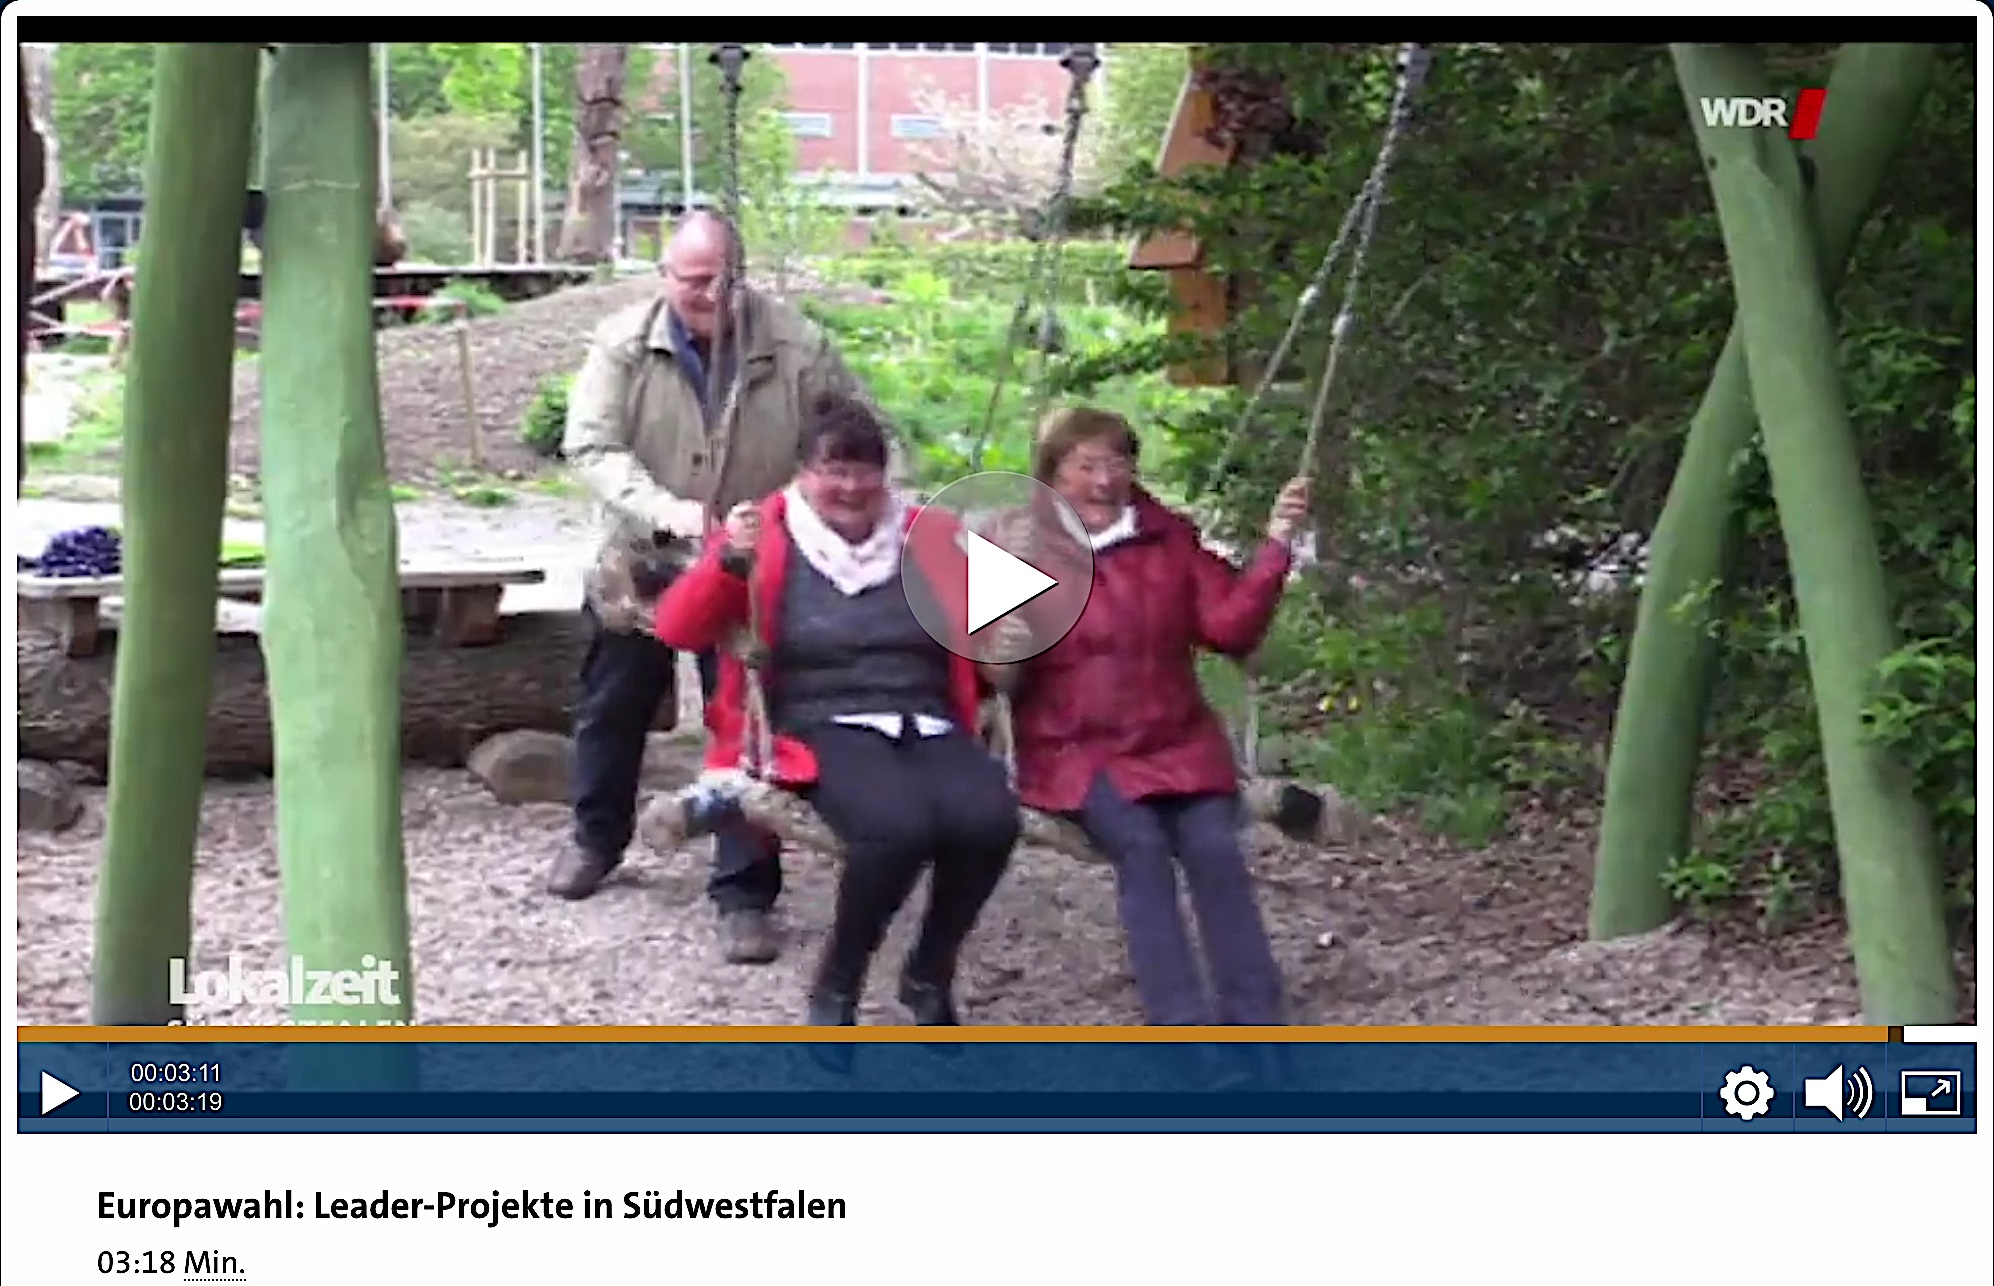 video-europawahl-leader-projekte-in-suedwestfalen